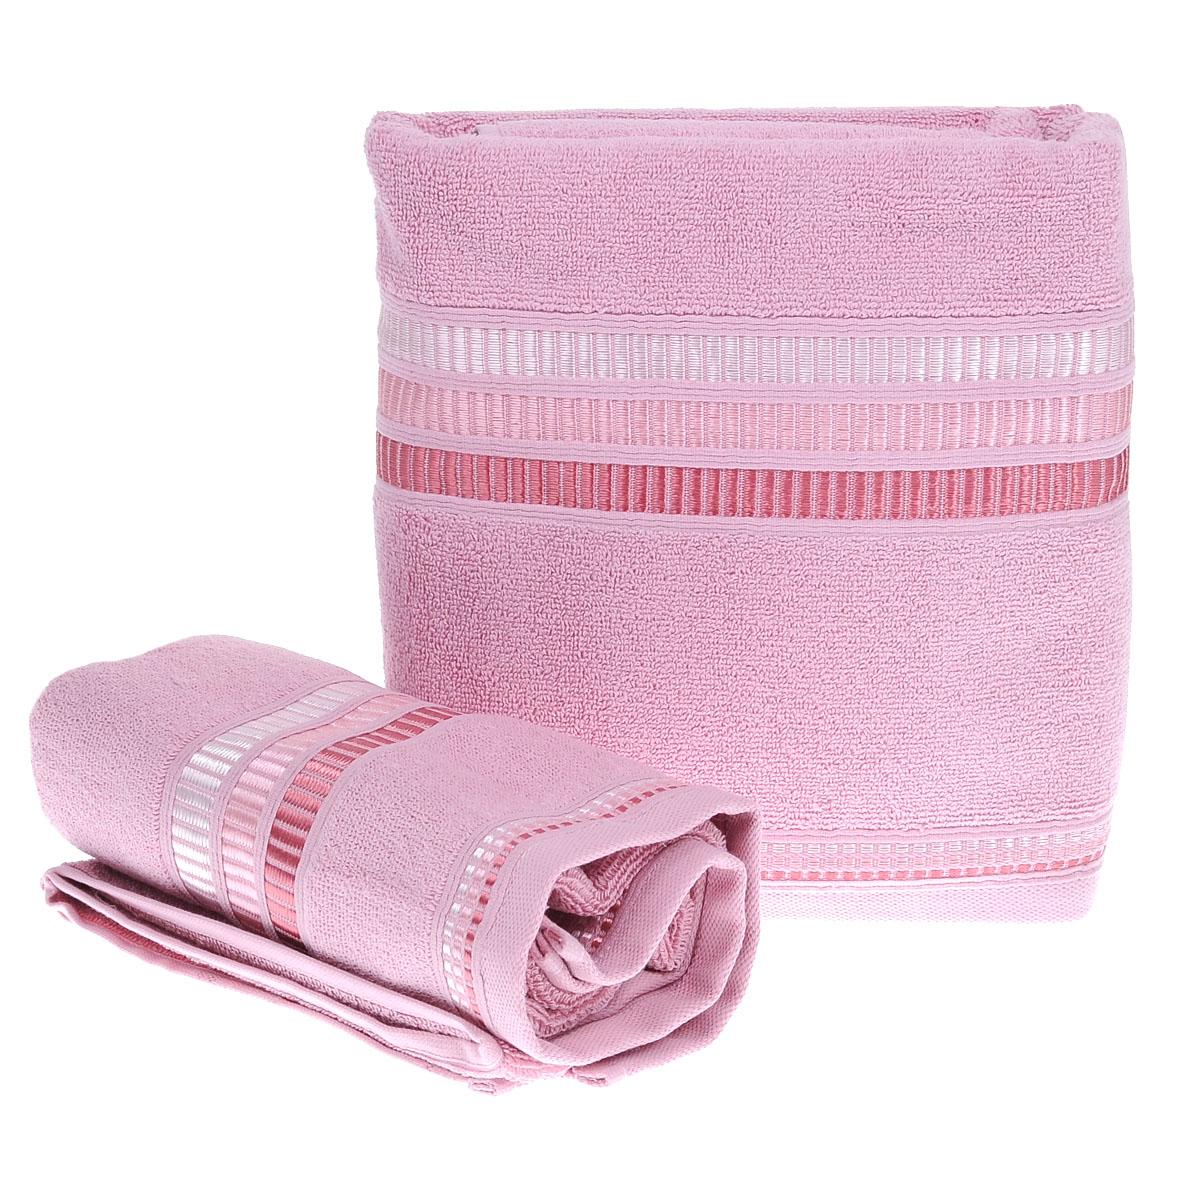 Набор махровых полотенец Coronet Пиано, цвет: сиреневый, 2 шт. Б-МП-2020-15-11-сБ-МП-2020-15-11-сПодарочный набор Coronet Пиано состоит из двух полотенец разного размера, выполненных из натуральной махровой ткани. Полотенца украшены изящным декоративным тиснением. Мягкие и уютные, они прекрасно впитывают влагу и легко стираются. Такой набор подарит вам мягкость и необыкновенный комфорт в использовании. Благодаря высокому качеству изготовления, полотенце будет радовать многие годы. Полотенца упакованы в подарочную коробку и станут приятным и полезным подарком вашим друзьям и близким. Комплектация: 2 шт. Плотность полотенец 550 г/м.